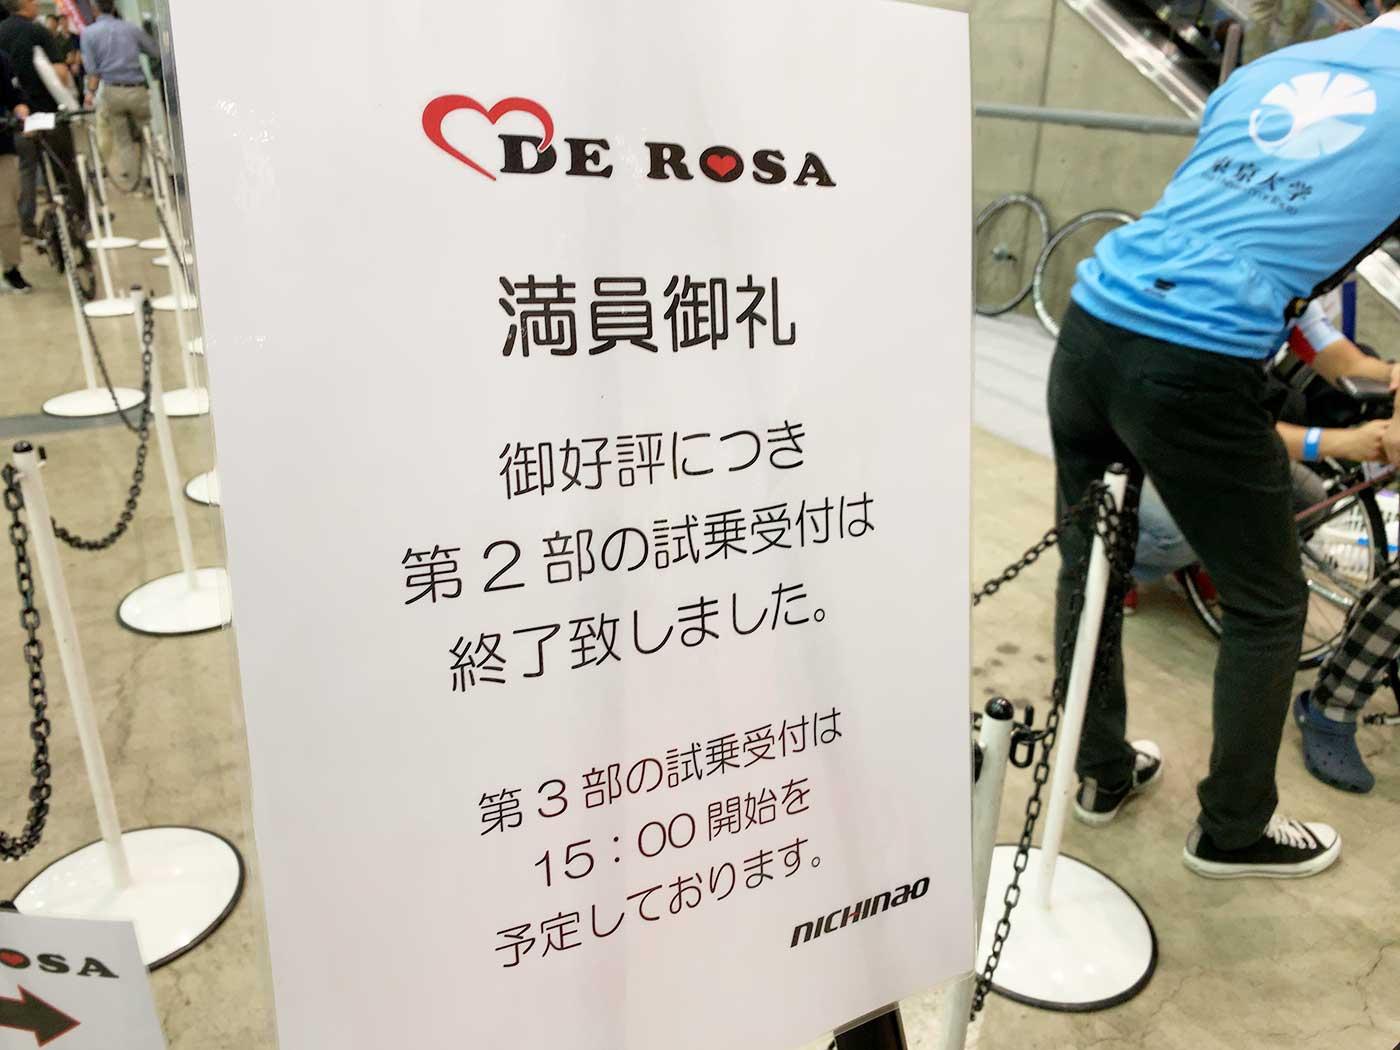 DE ROSAの試乗